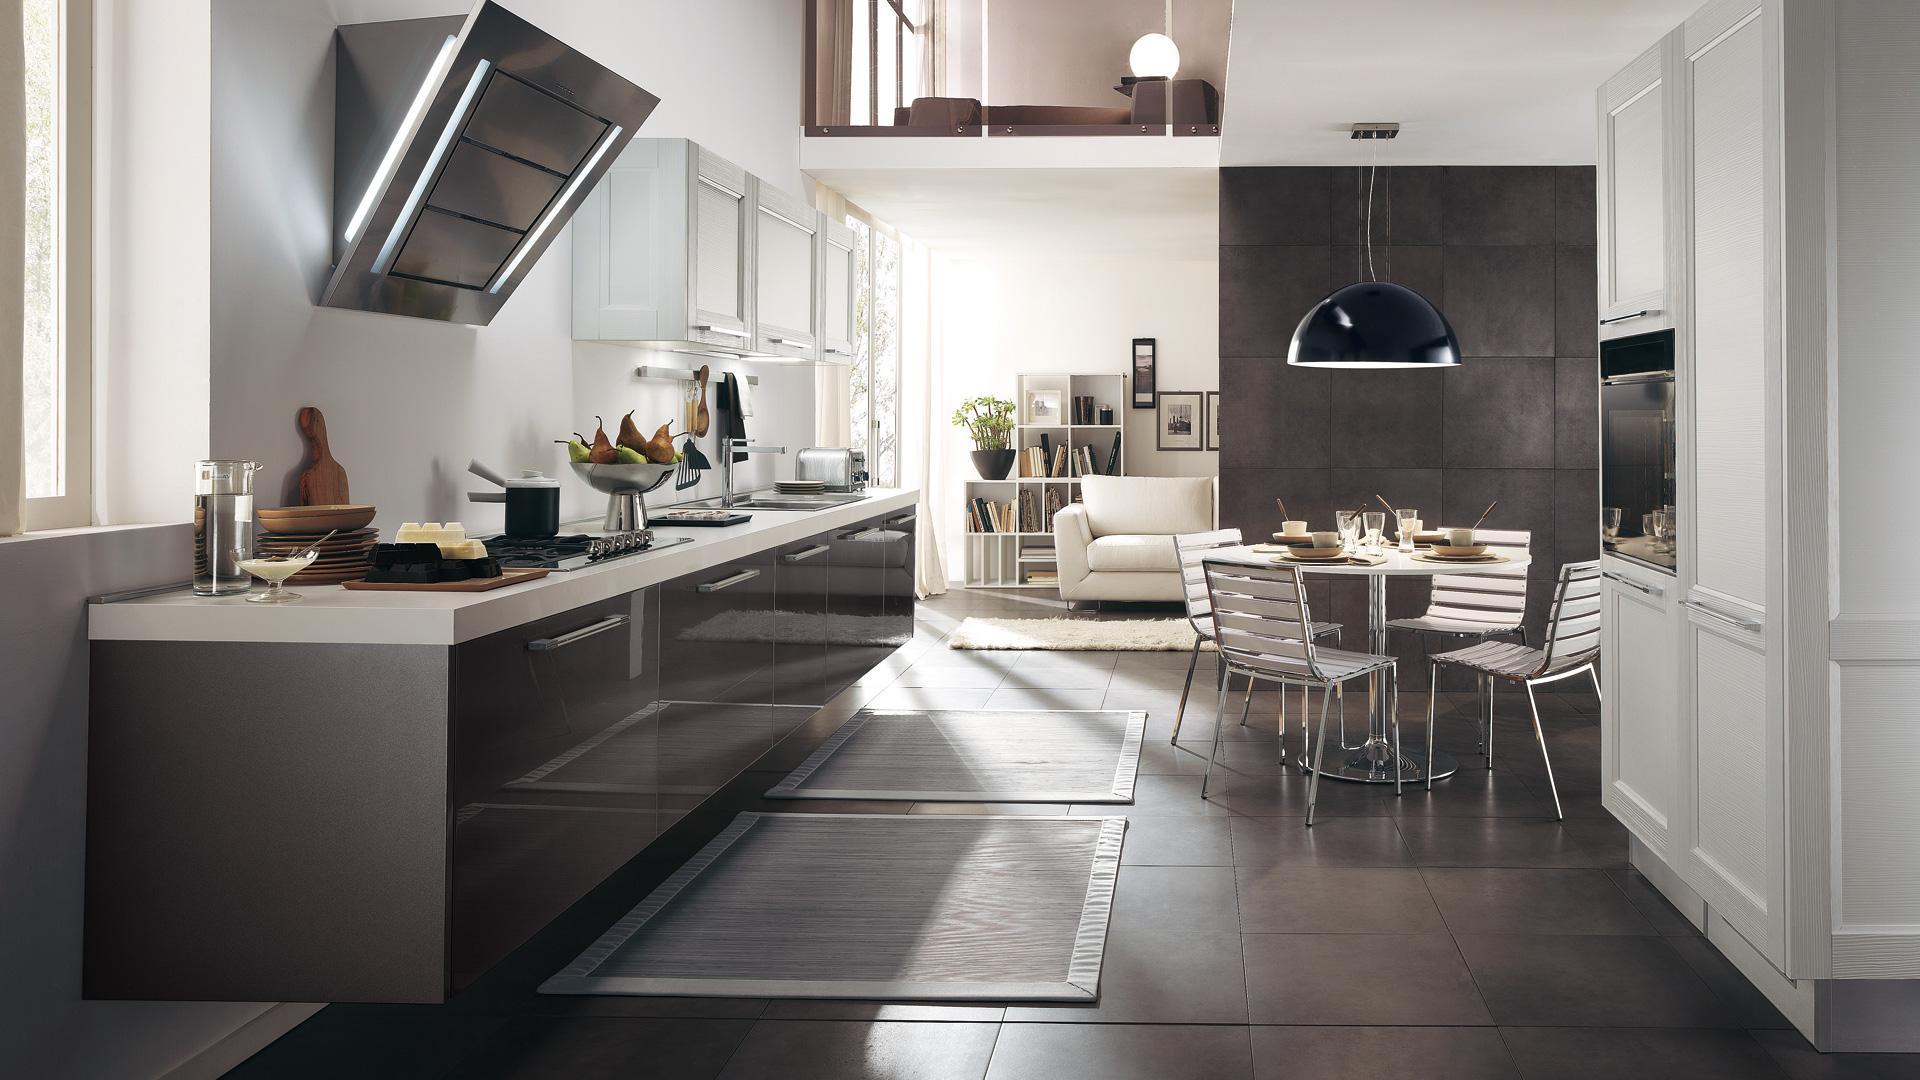 Cucine centro cucina for Aprire piani moderni